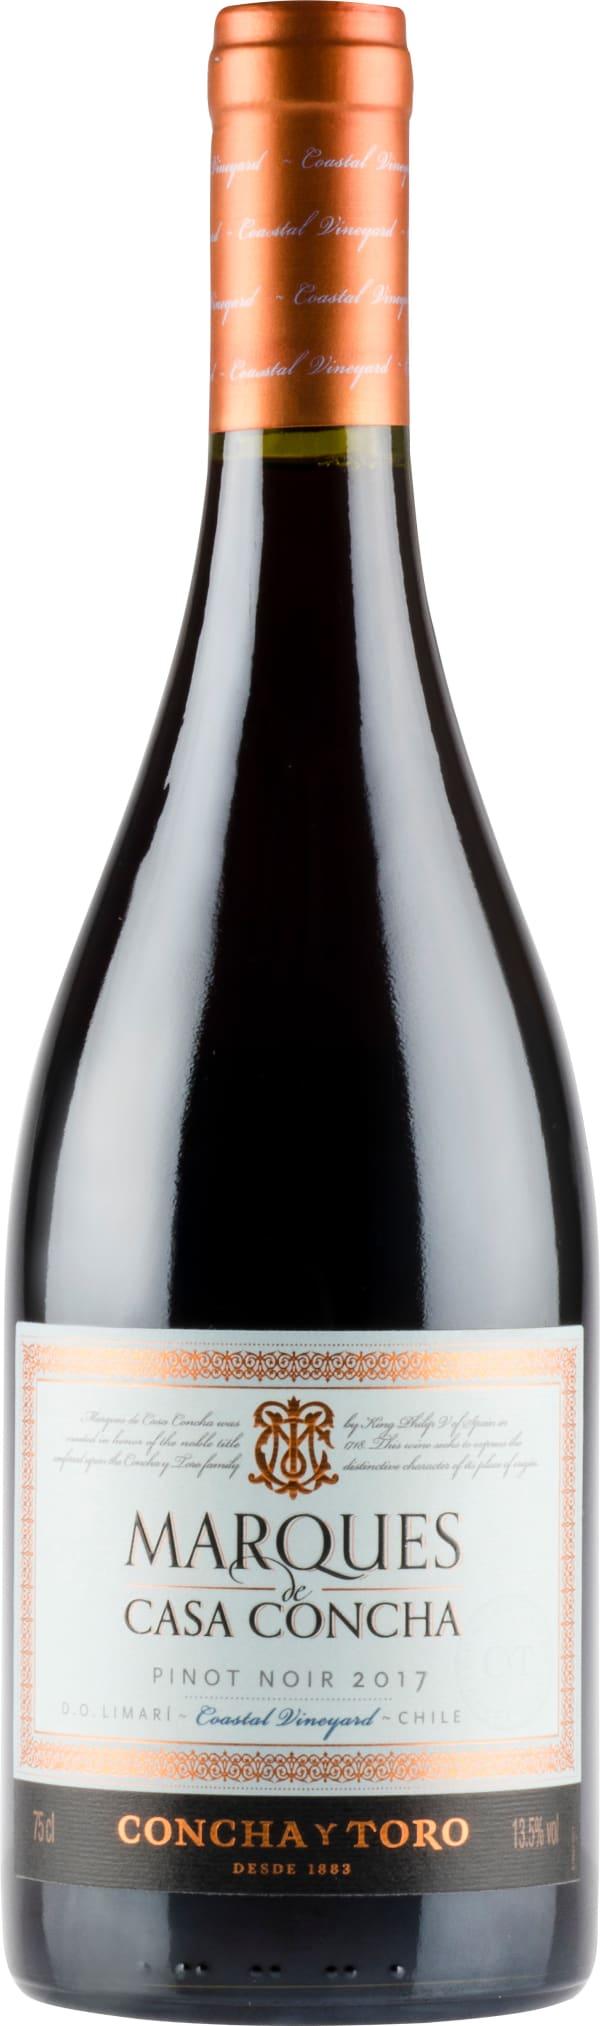 Marques de Casa Concha Pinot Noir 2017